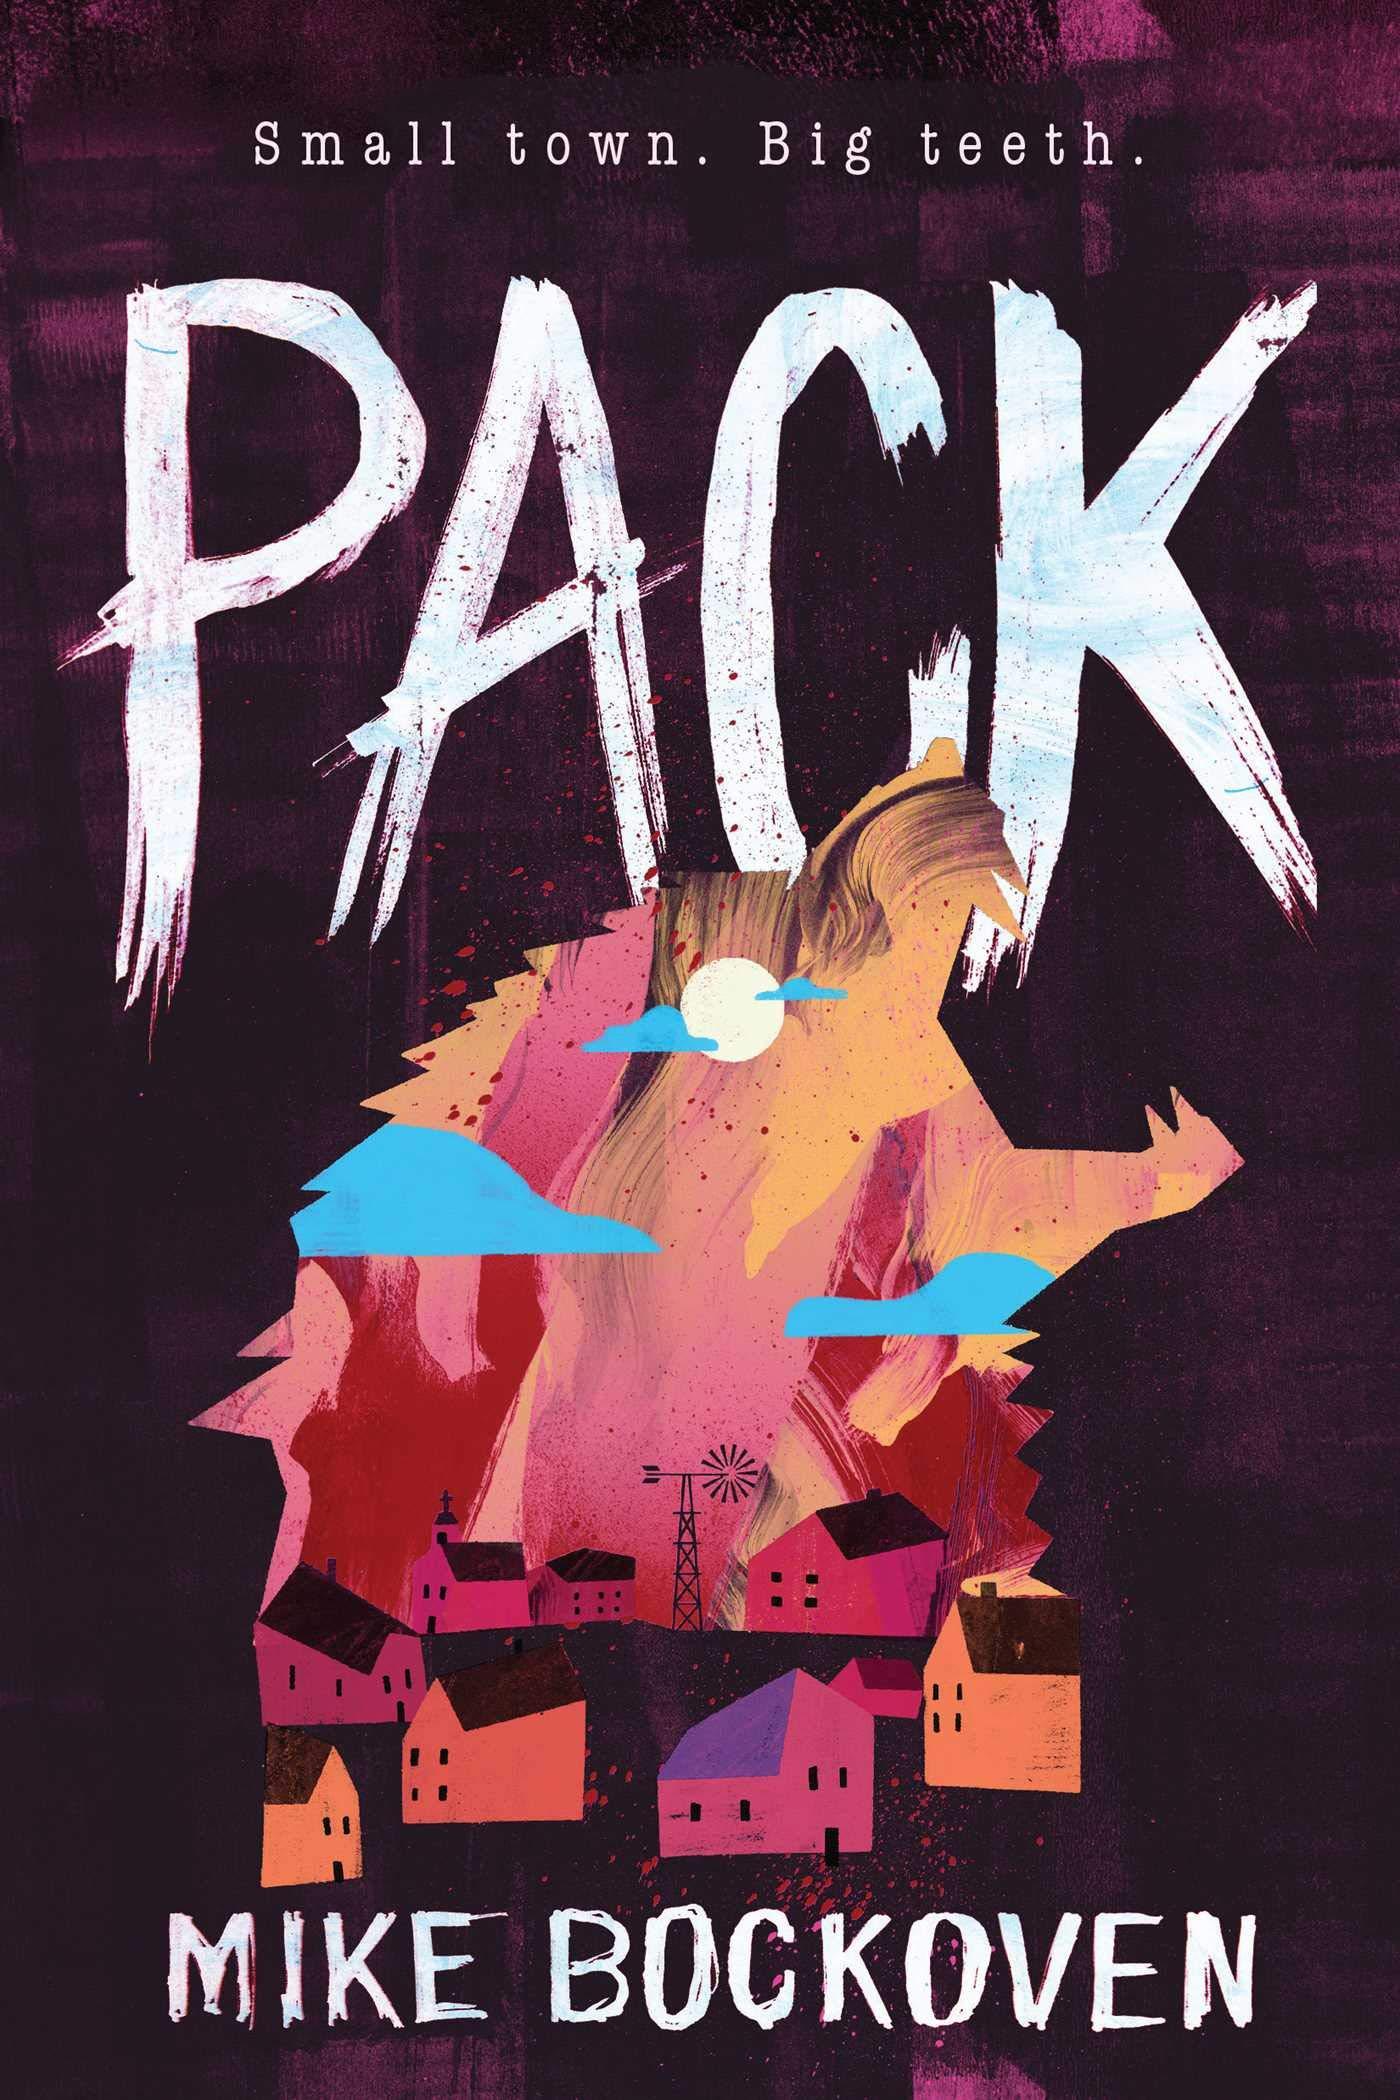 Pack: A Novel: Amazon.es: Bockoven, Mike: Libros en idiomas extranjeros